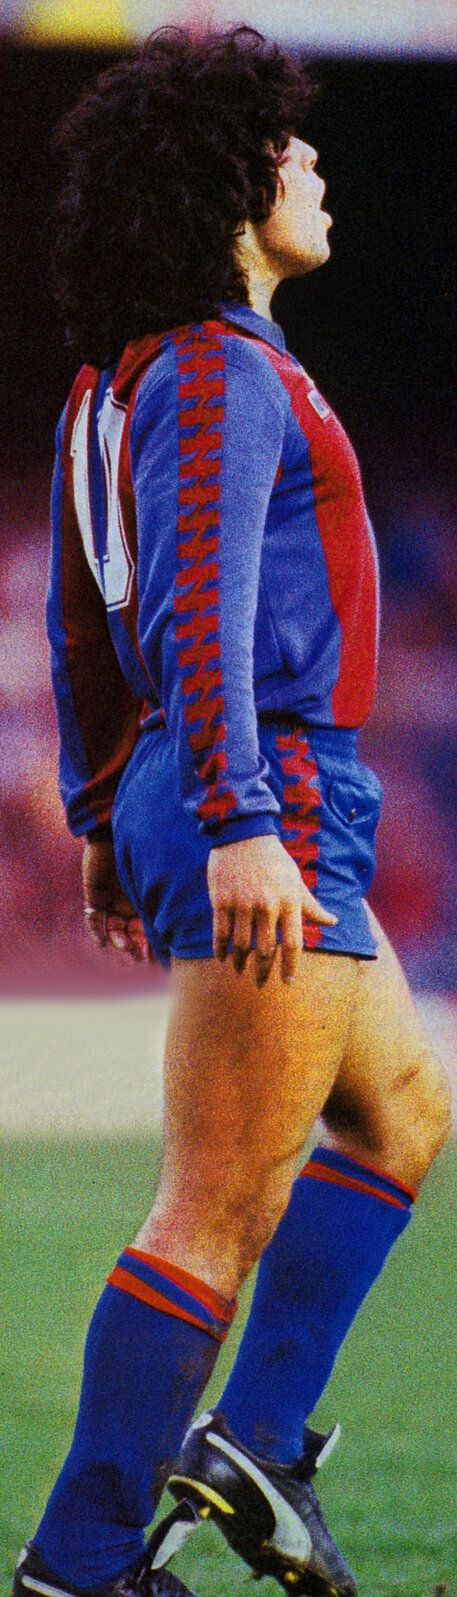 Diego Armando Maradona, blaugrana. Foto enviada por Joan Fontes, en Twitter @Joan_Fontes. Diego supervisa si un remate suyo tiene destino de gol... que lo tuvo. Rebeldía, genialidad, astucia... muchas cosas en esta imagen del 'barçargentino' que se erigió en el mejor jugador de la historia hasta la consagración de Lionel Messi.